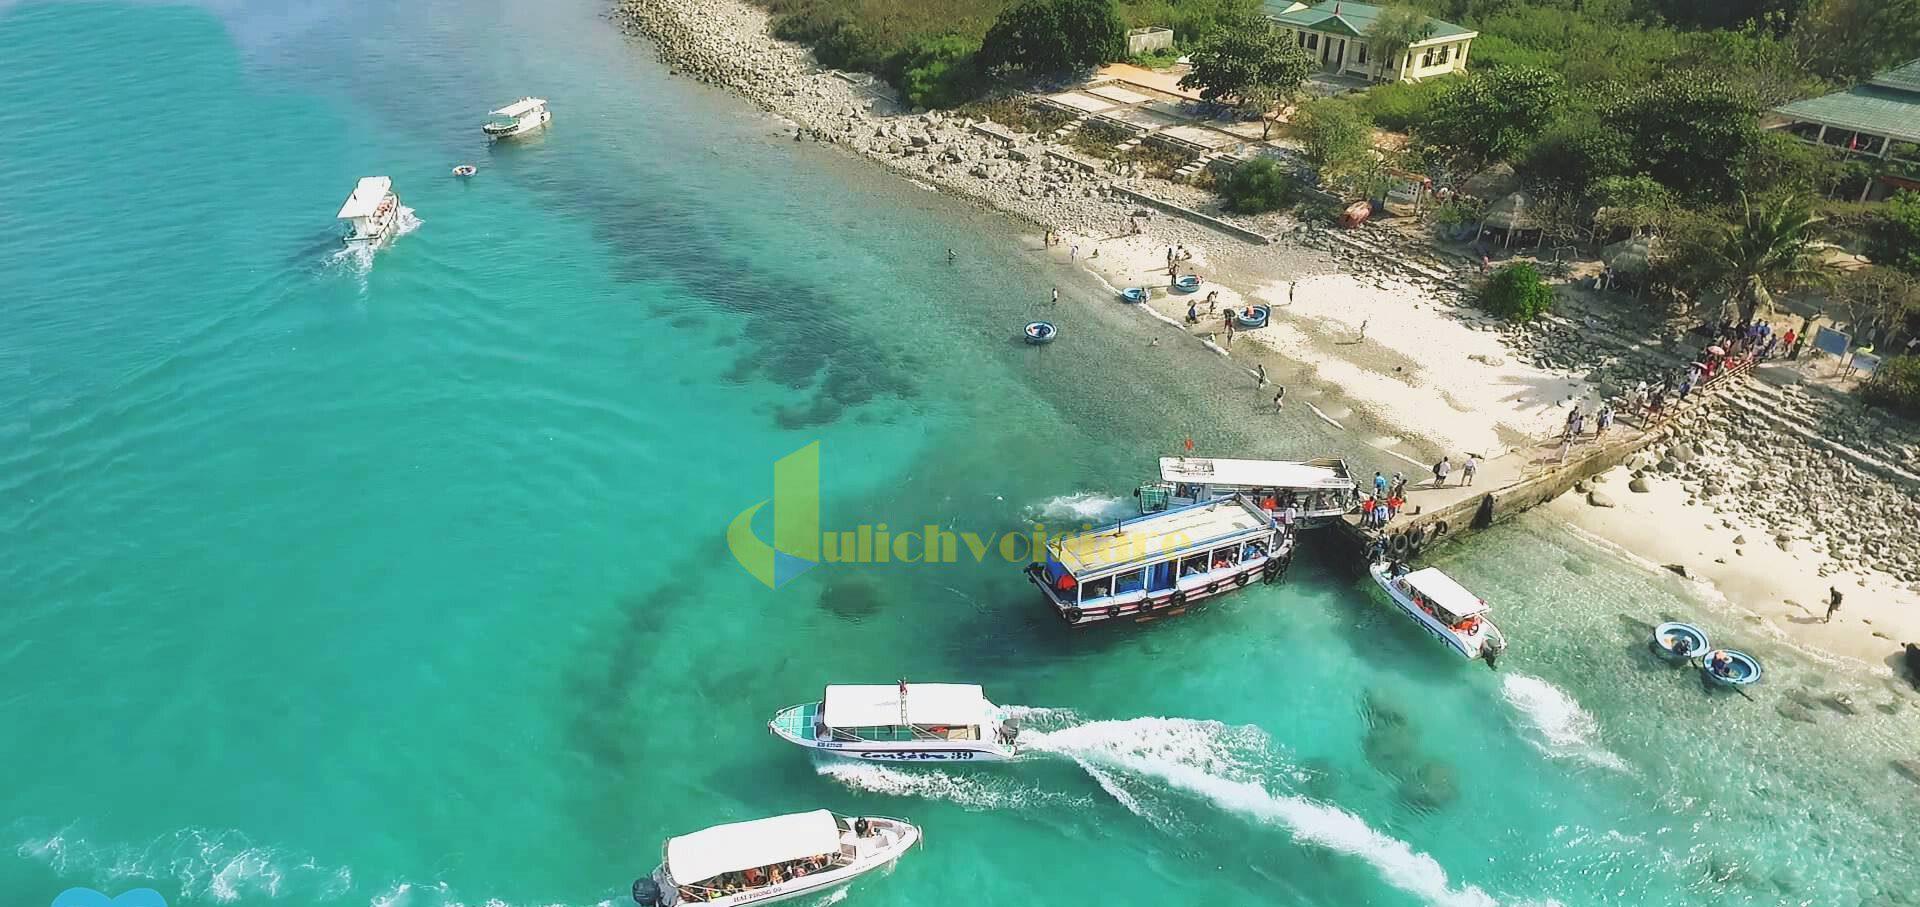 i-bằng-gì-e1605230123523 Review du lịch Hòn Mun - 1 trong 4 Vịnh đẹp ở Nha Trang